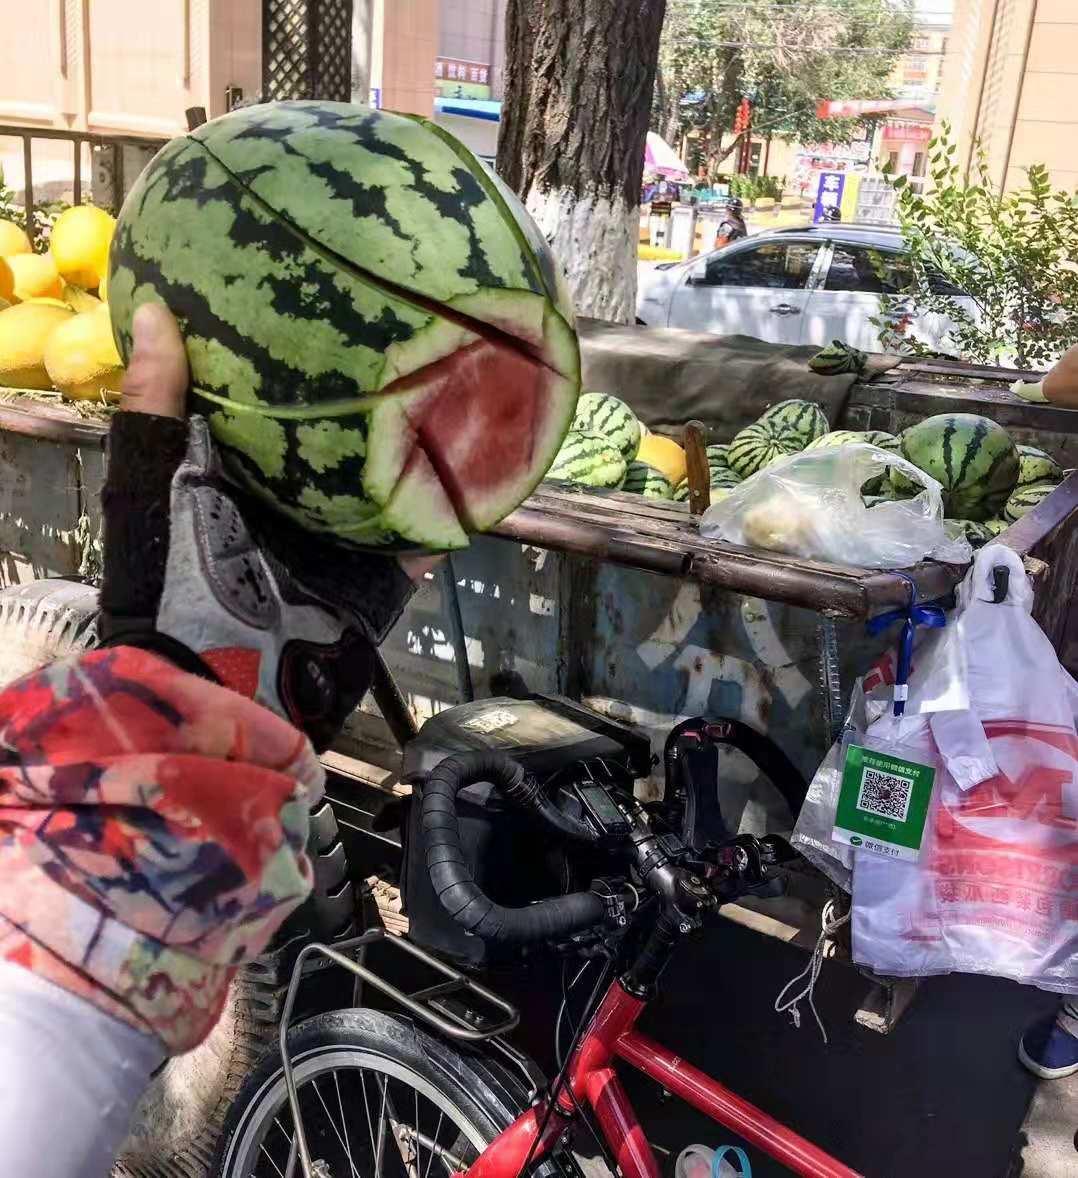 香港女孩自行车旅行香港-法国【连载25】-开朗LKLM